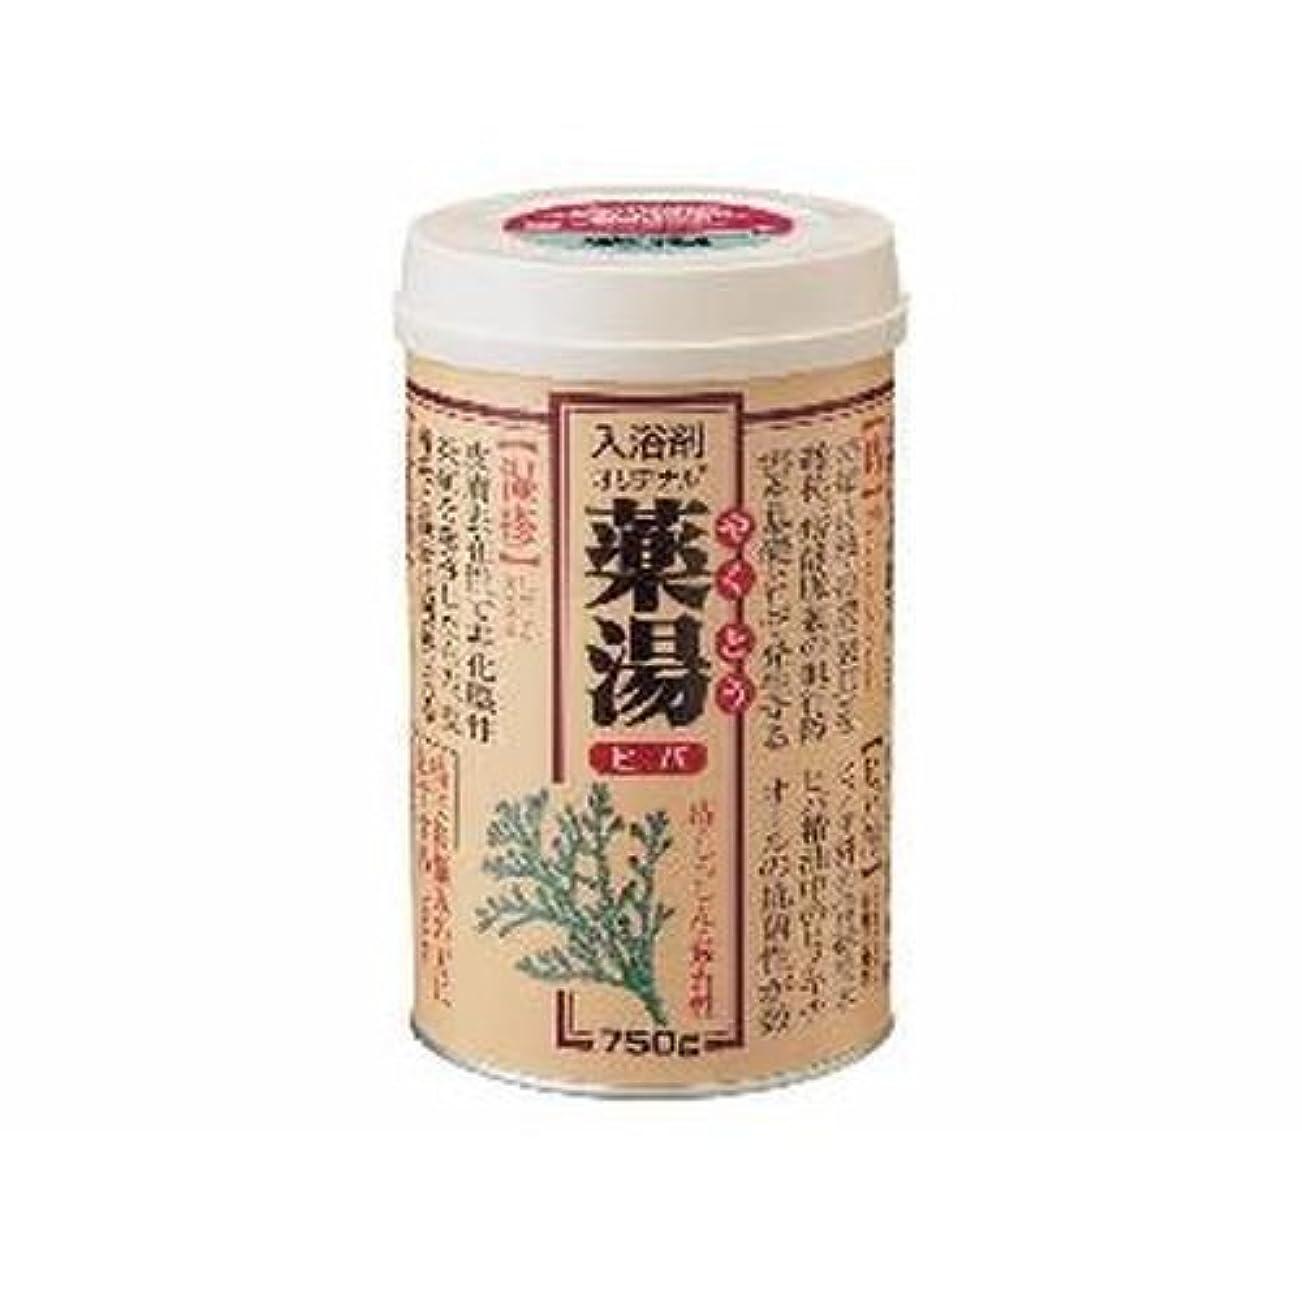 誓い自発検出する【まとめ買い】NEWオリヂナル薬湯 ヒバ 750g ×2セット